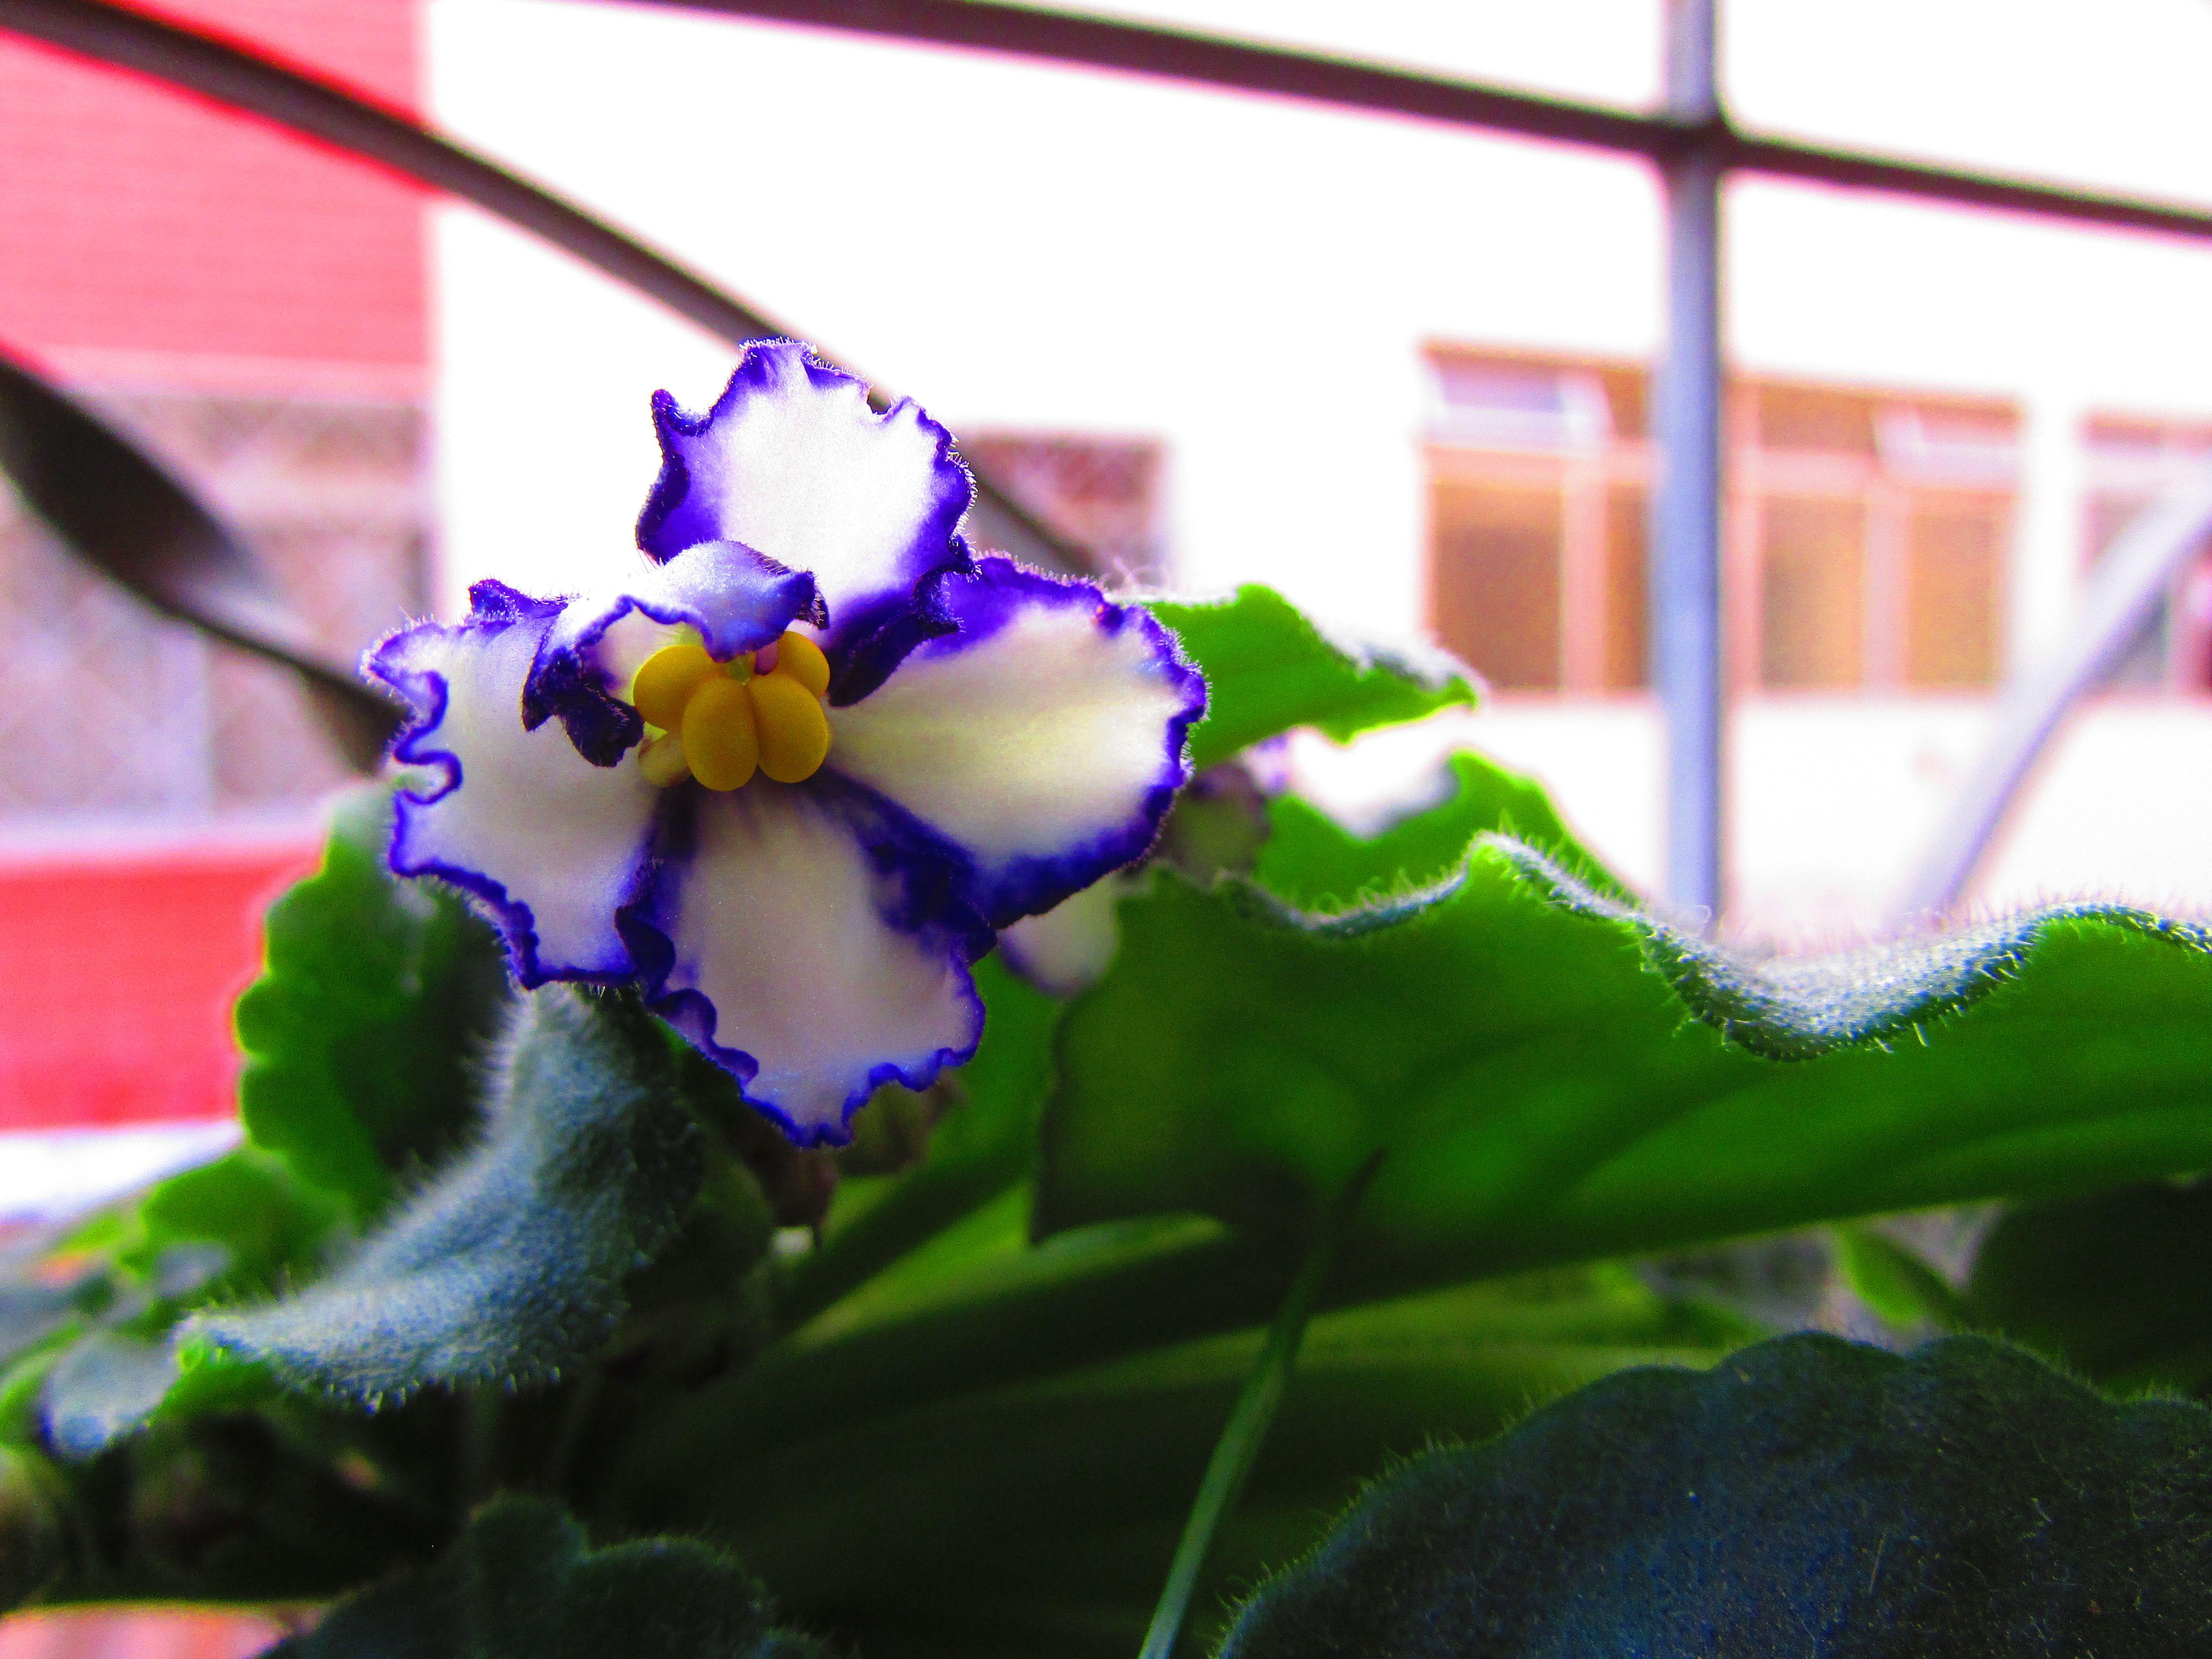 Viola E Um Genero Botanico Pertencente A Familia Violaceae Inclui